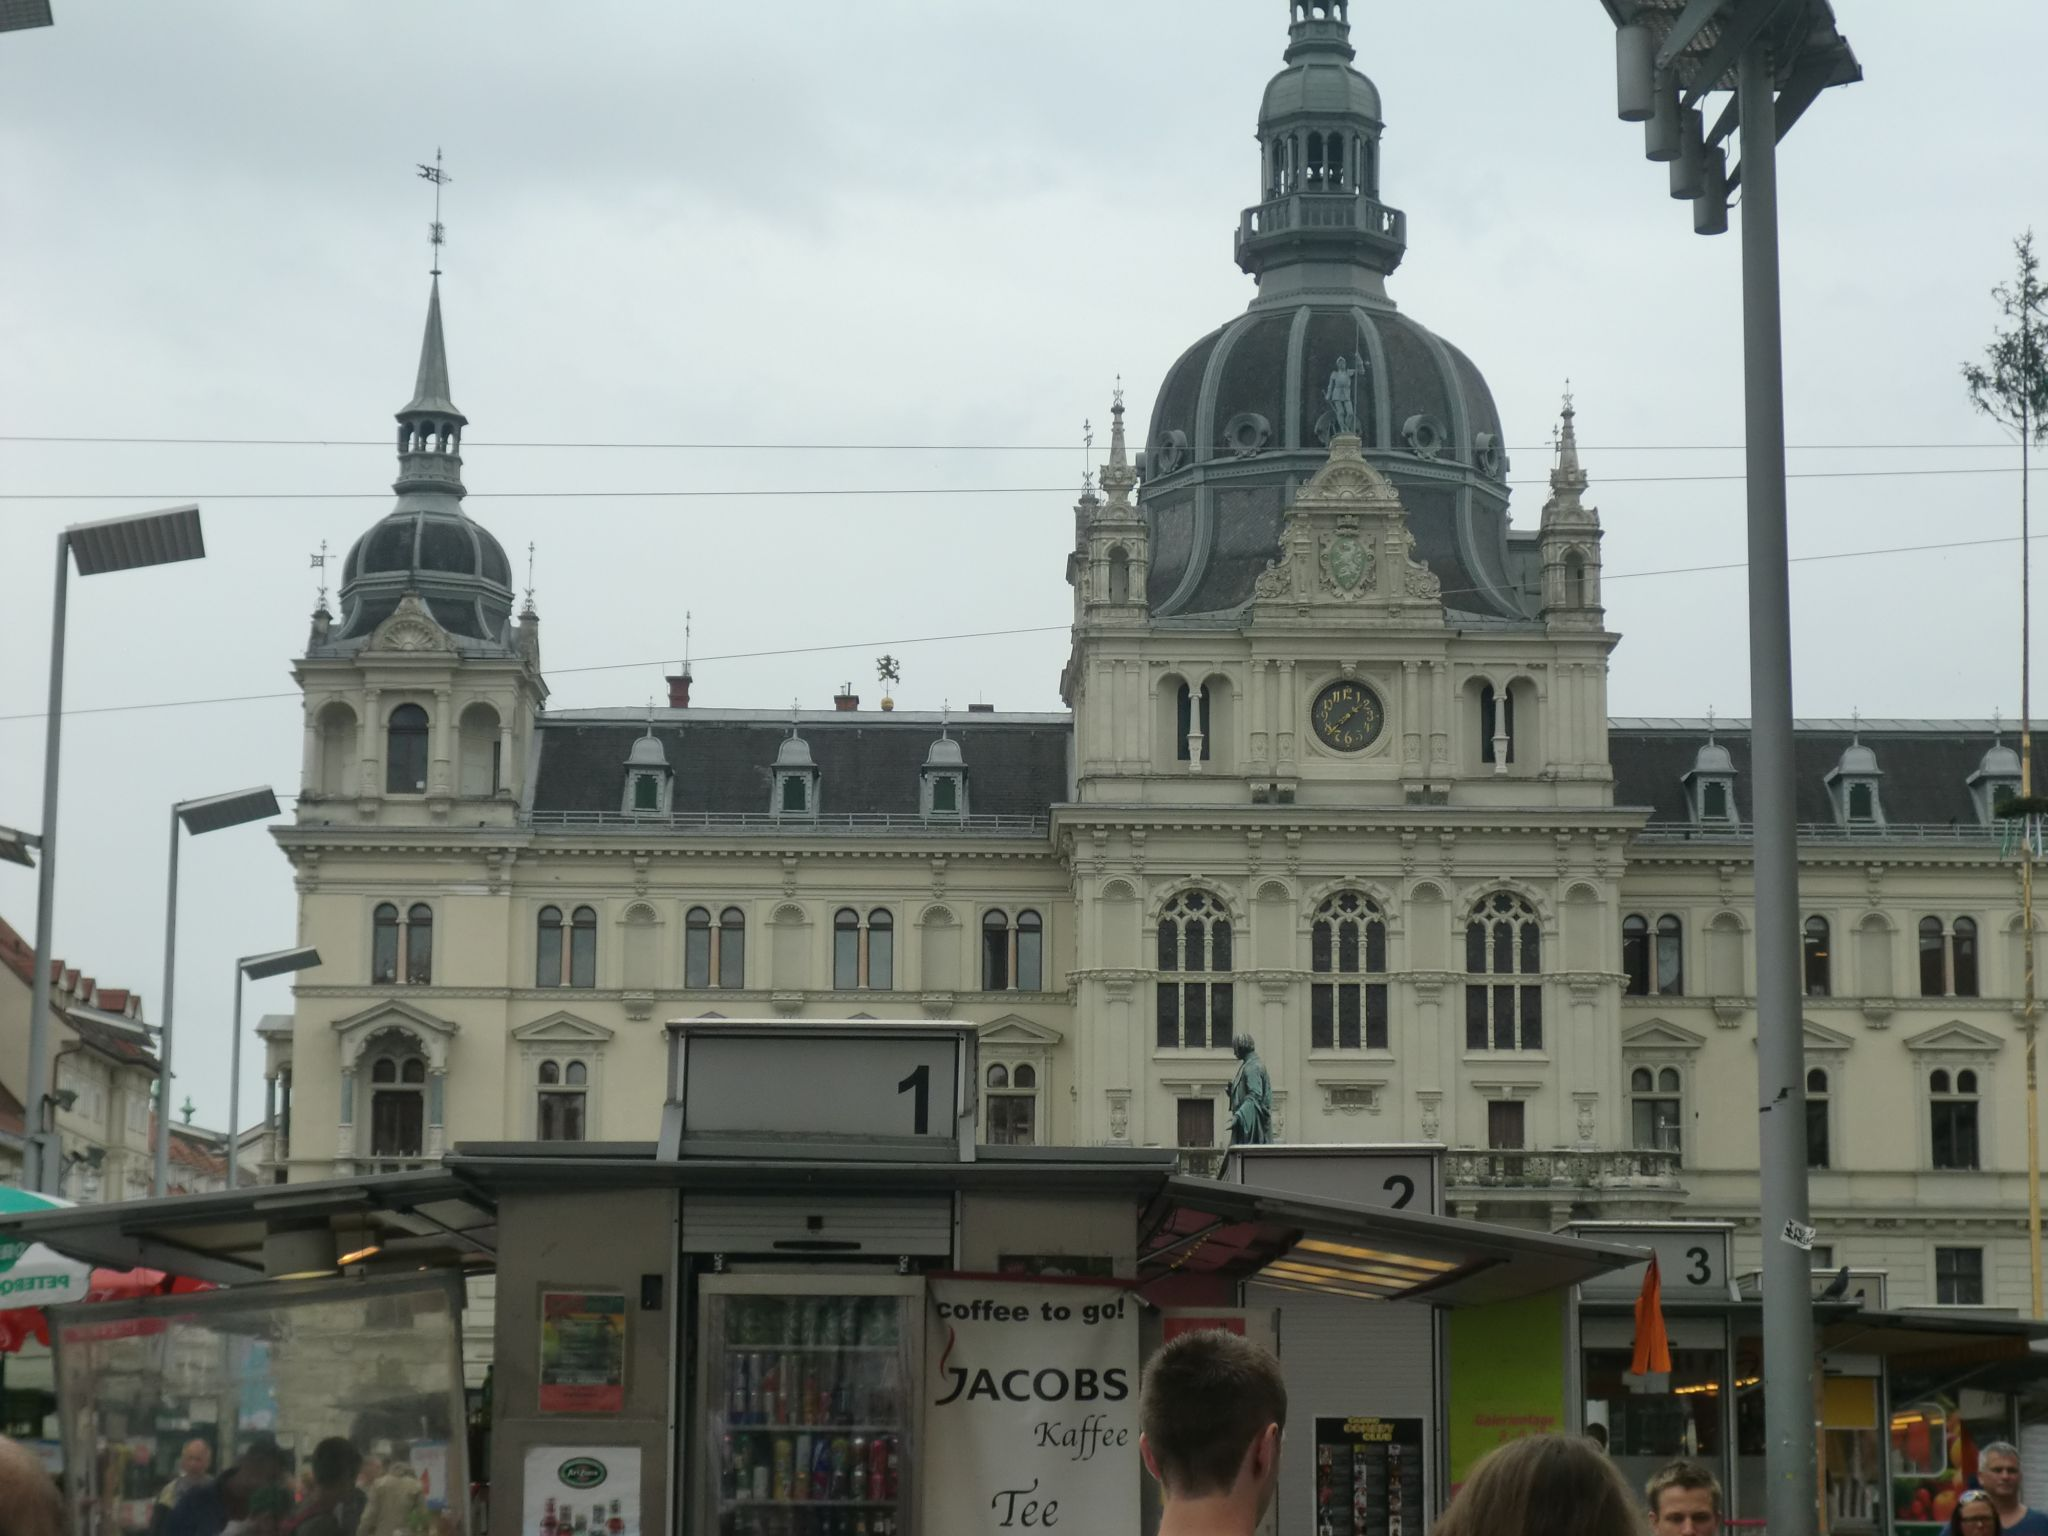 Graz square 3 - Graz: tradition and modernity